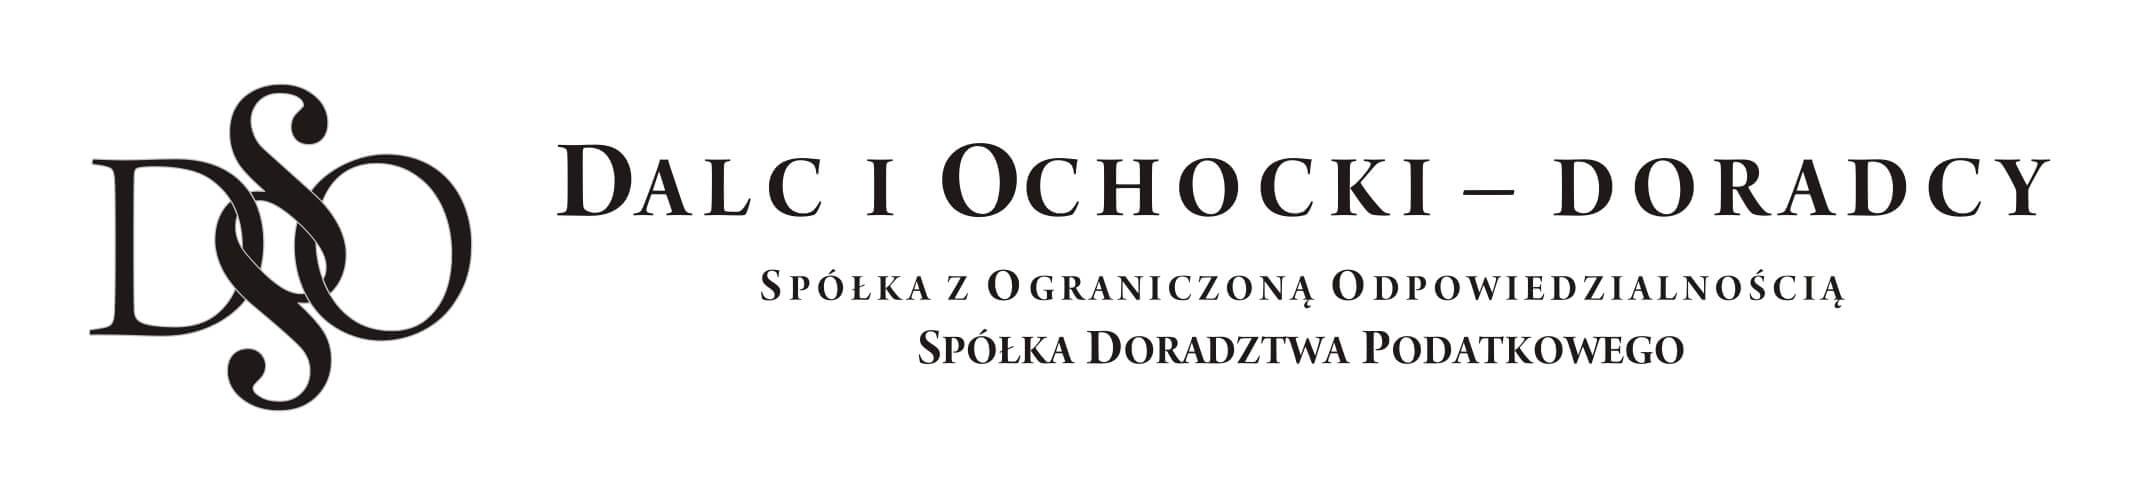 Dalc i Ochocki